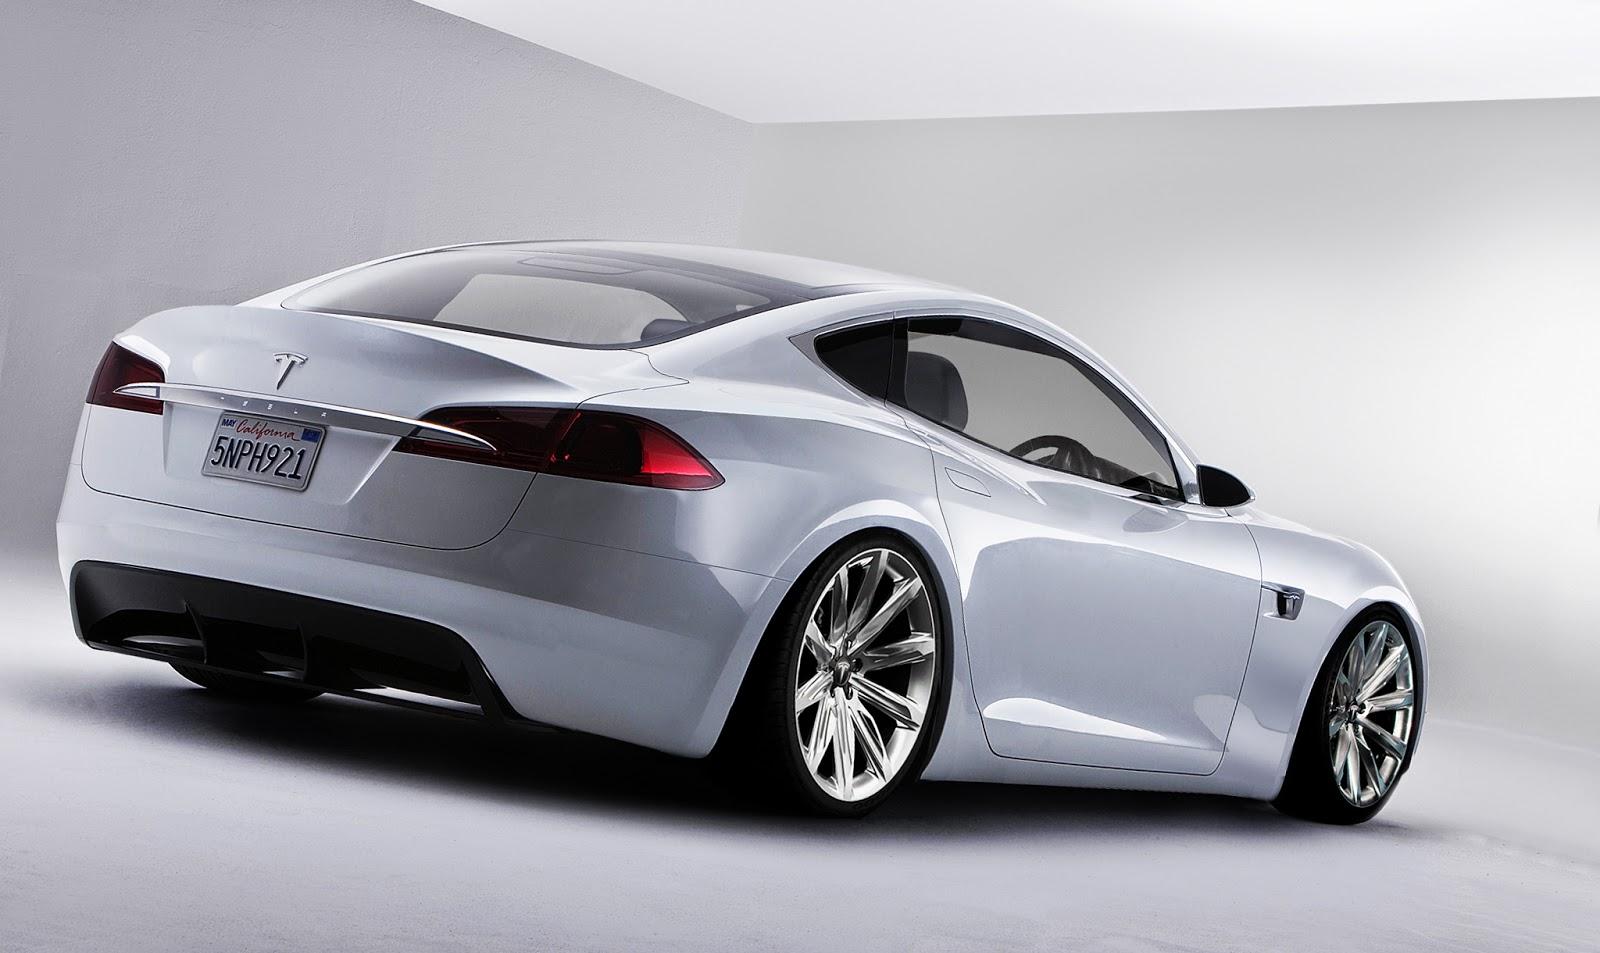 Tesla Car, Free Stock Photos - Free Stock Photos